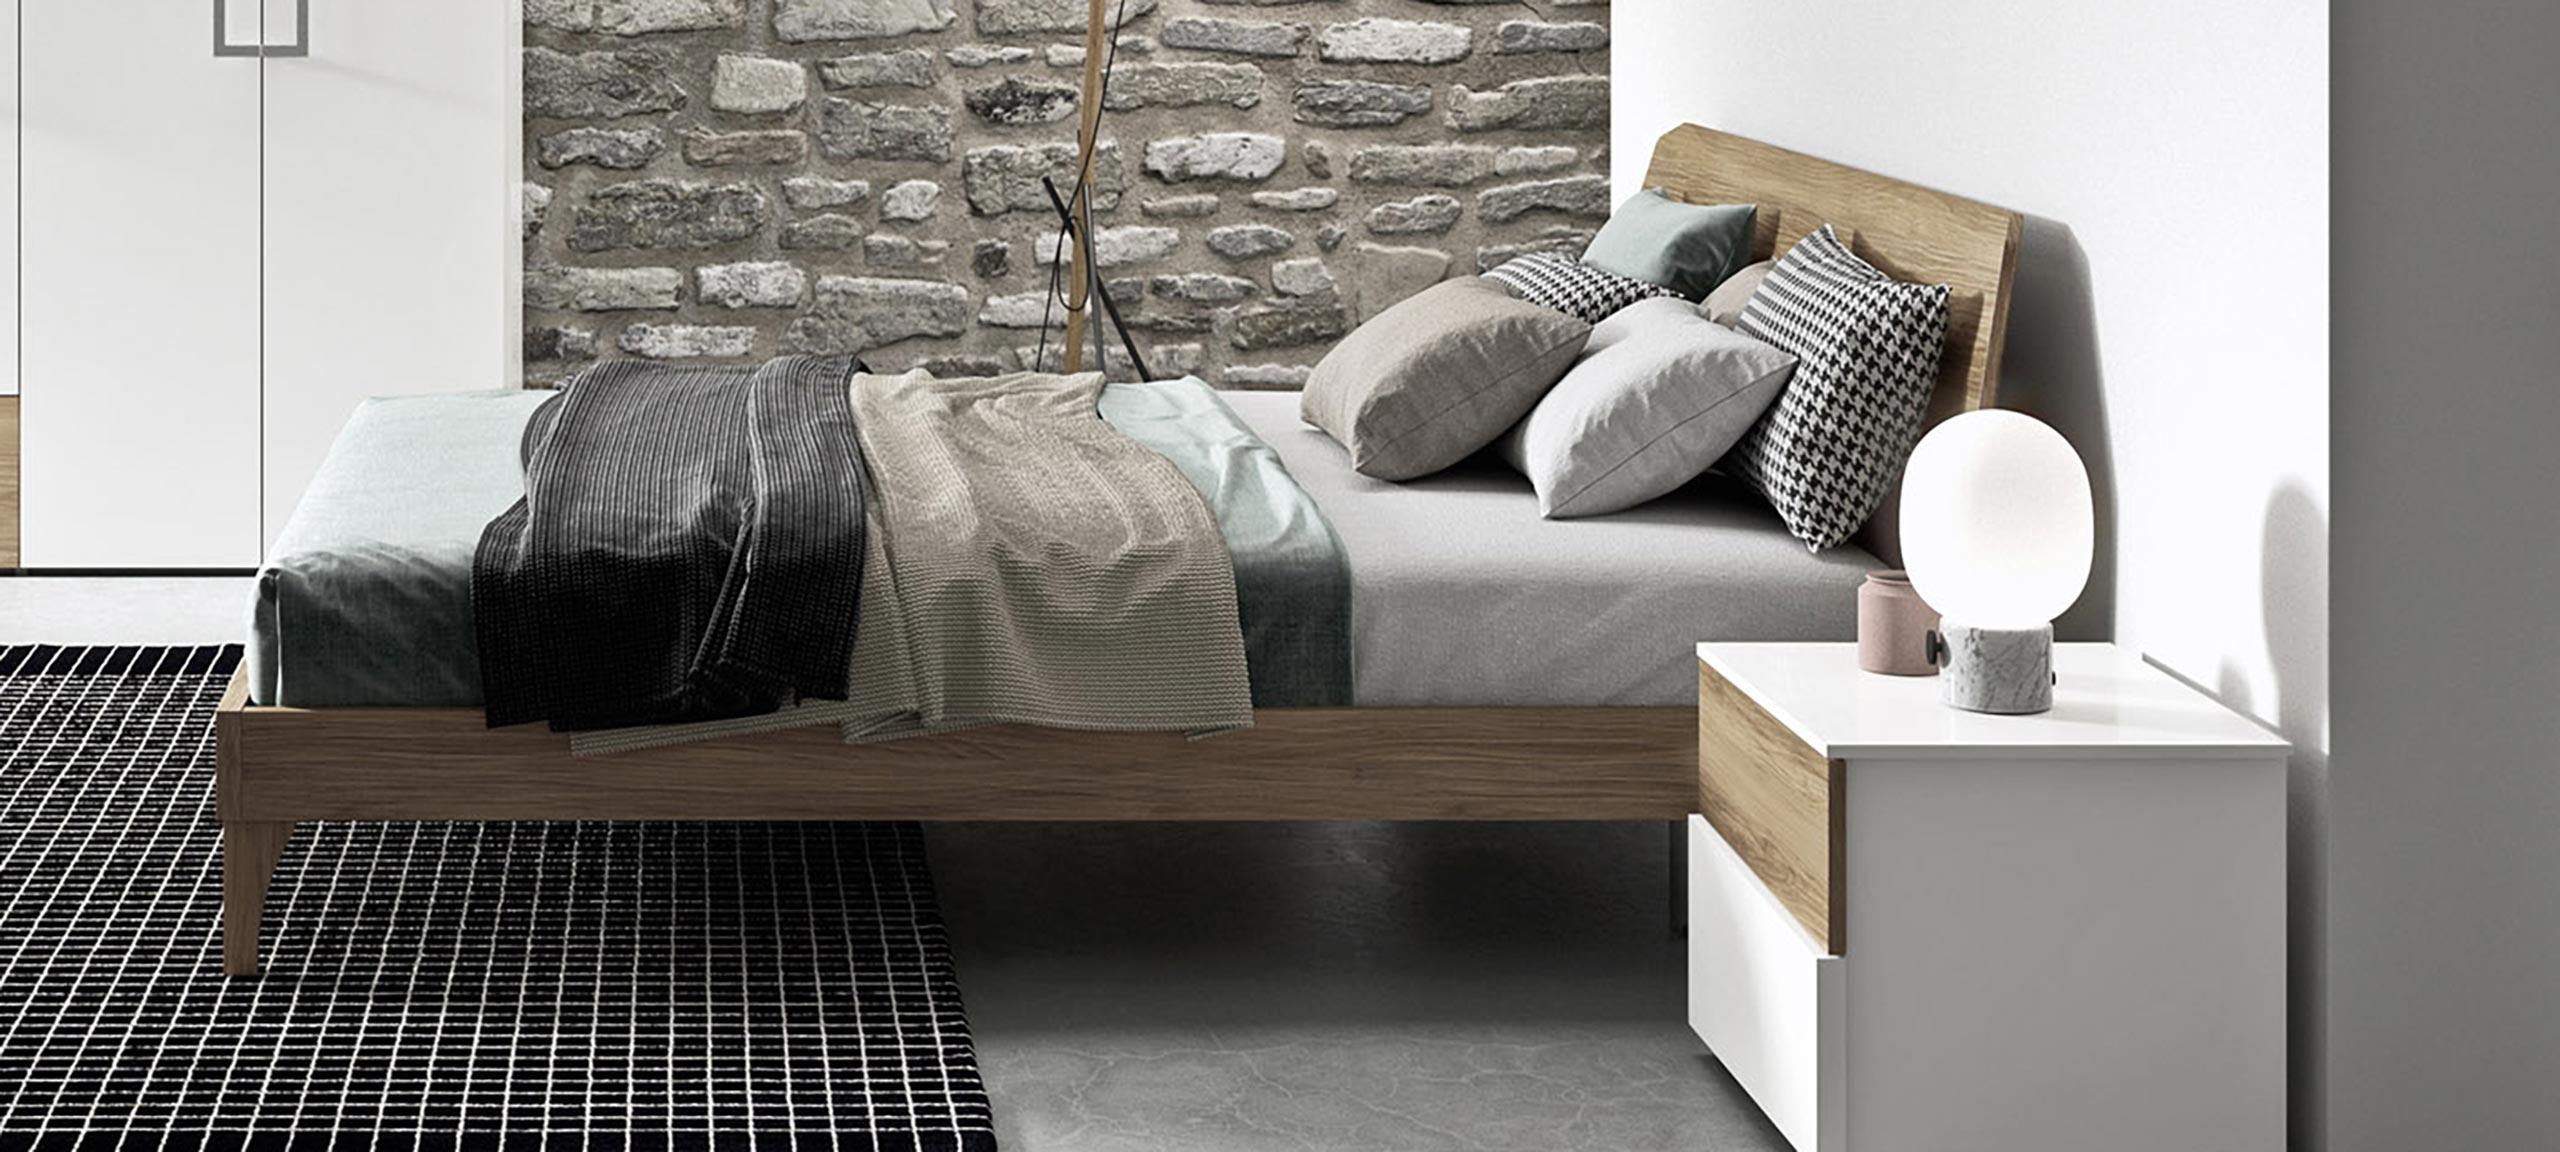 Letto Matrimoniale Minimal.Coloniale Letto Matrimoniale Minimal In Legno Mab Home Furniture